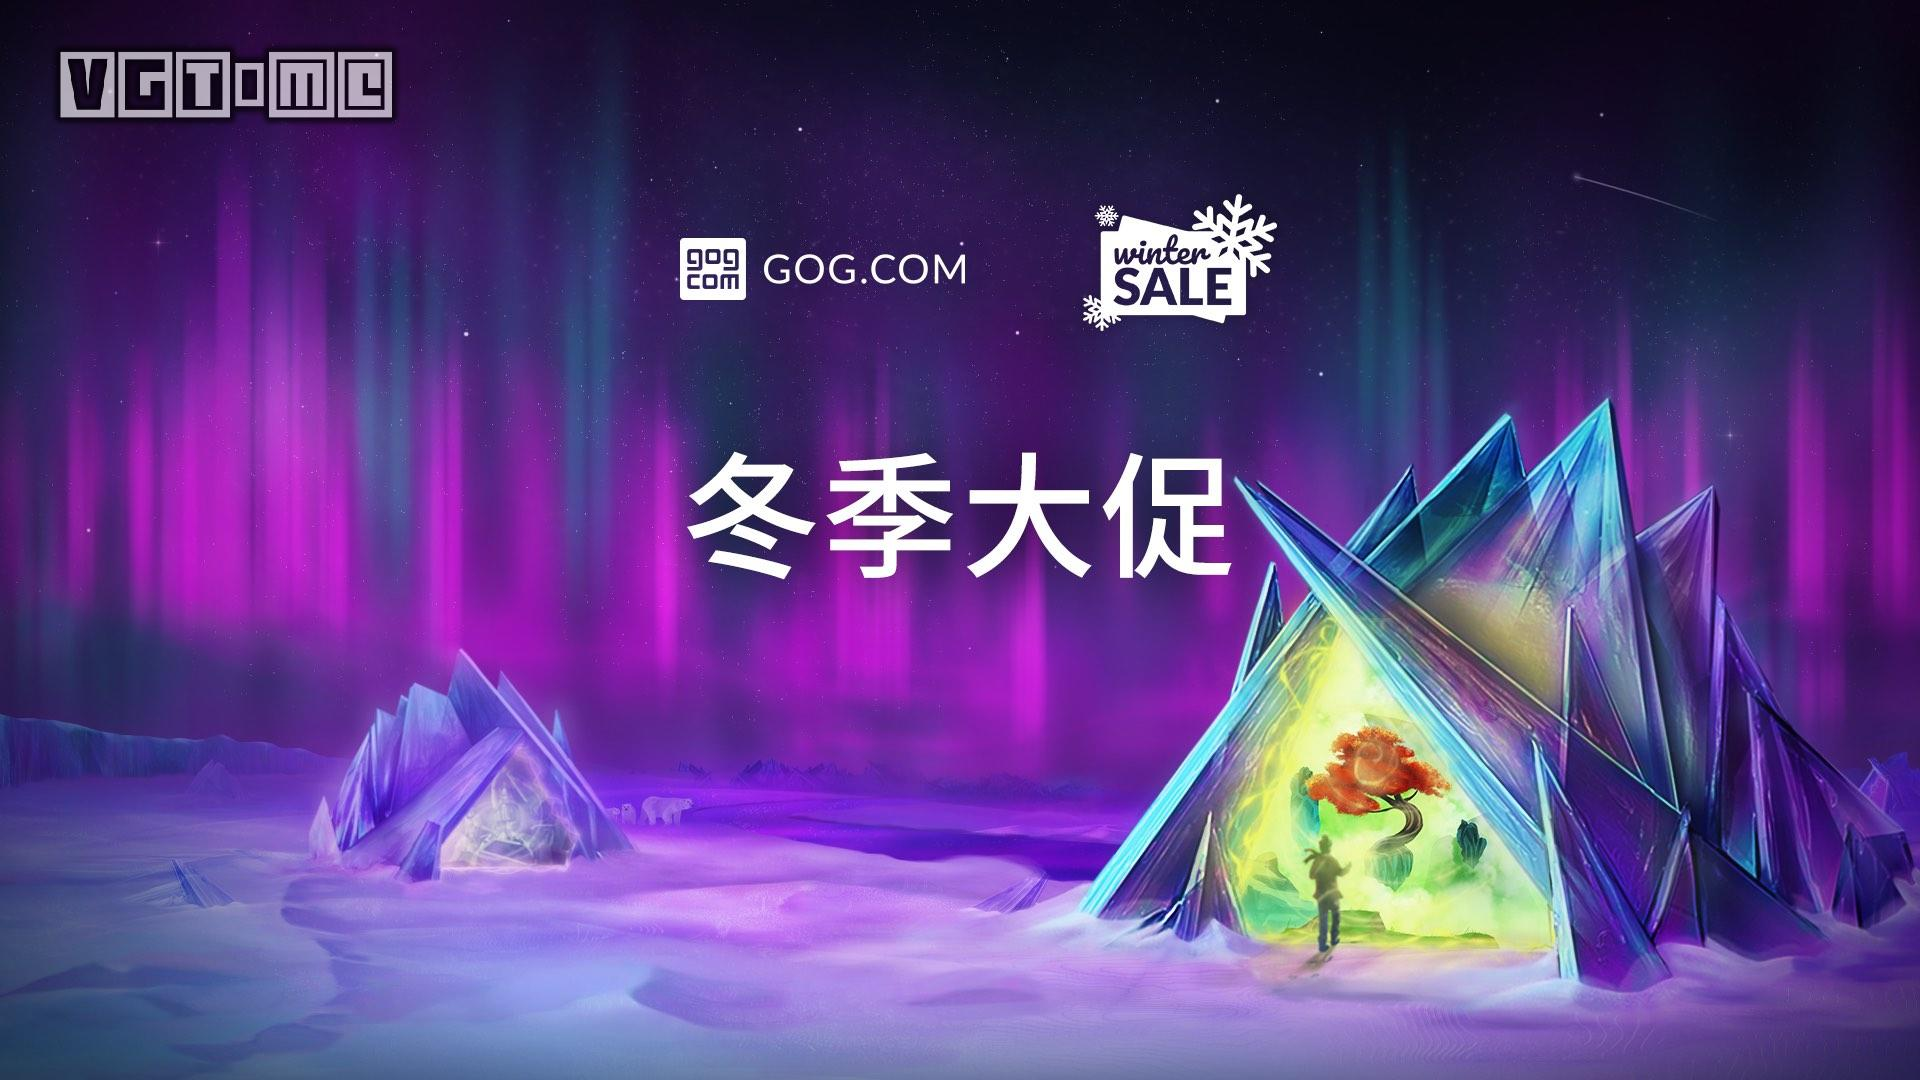 GOG冬季大促开启,超两千款游戏打折出售